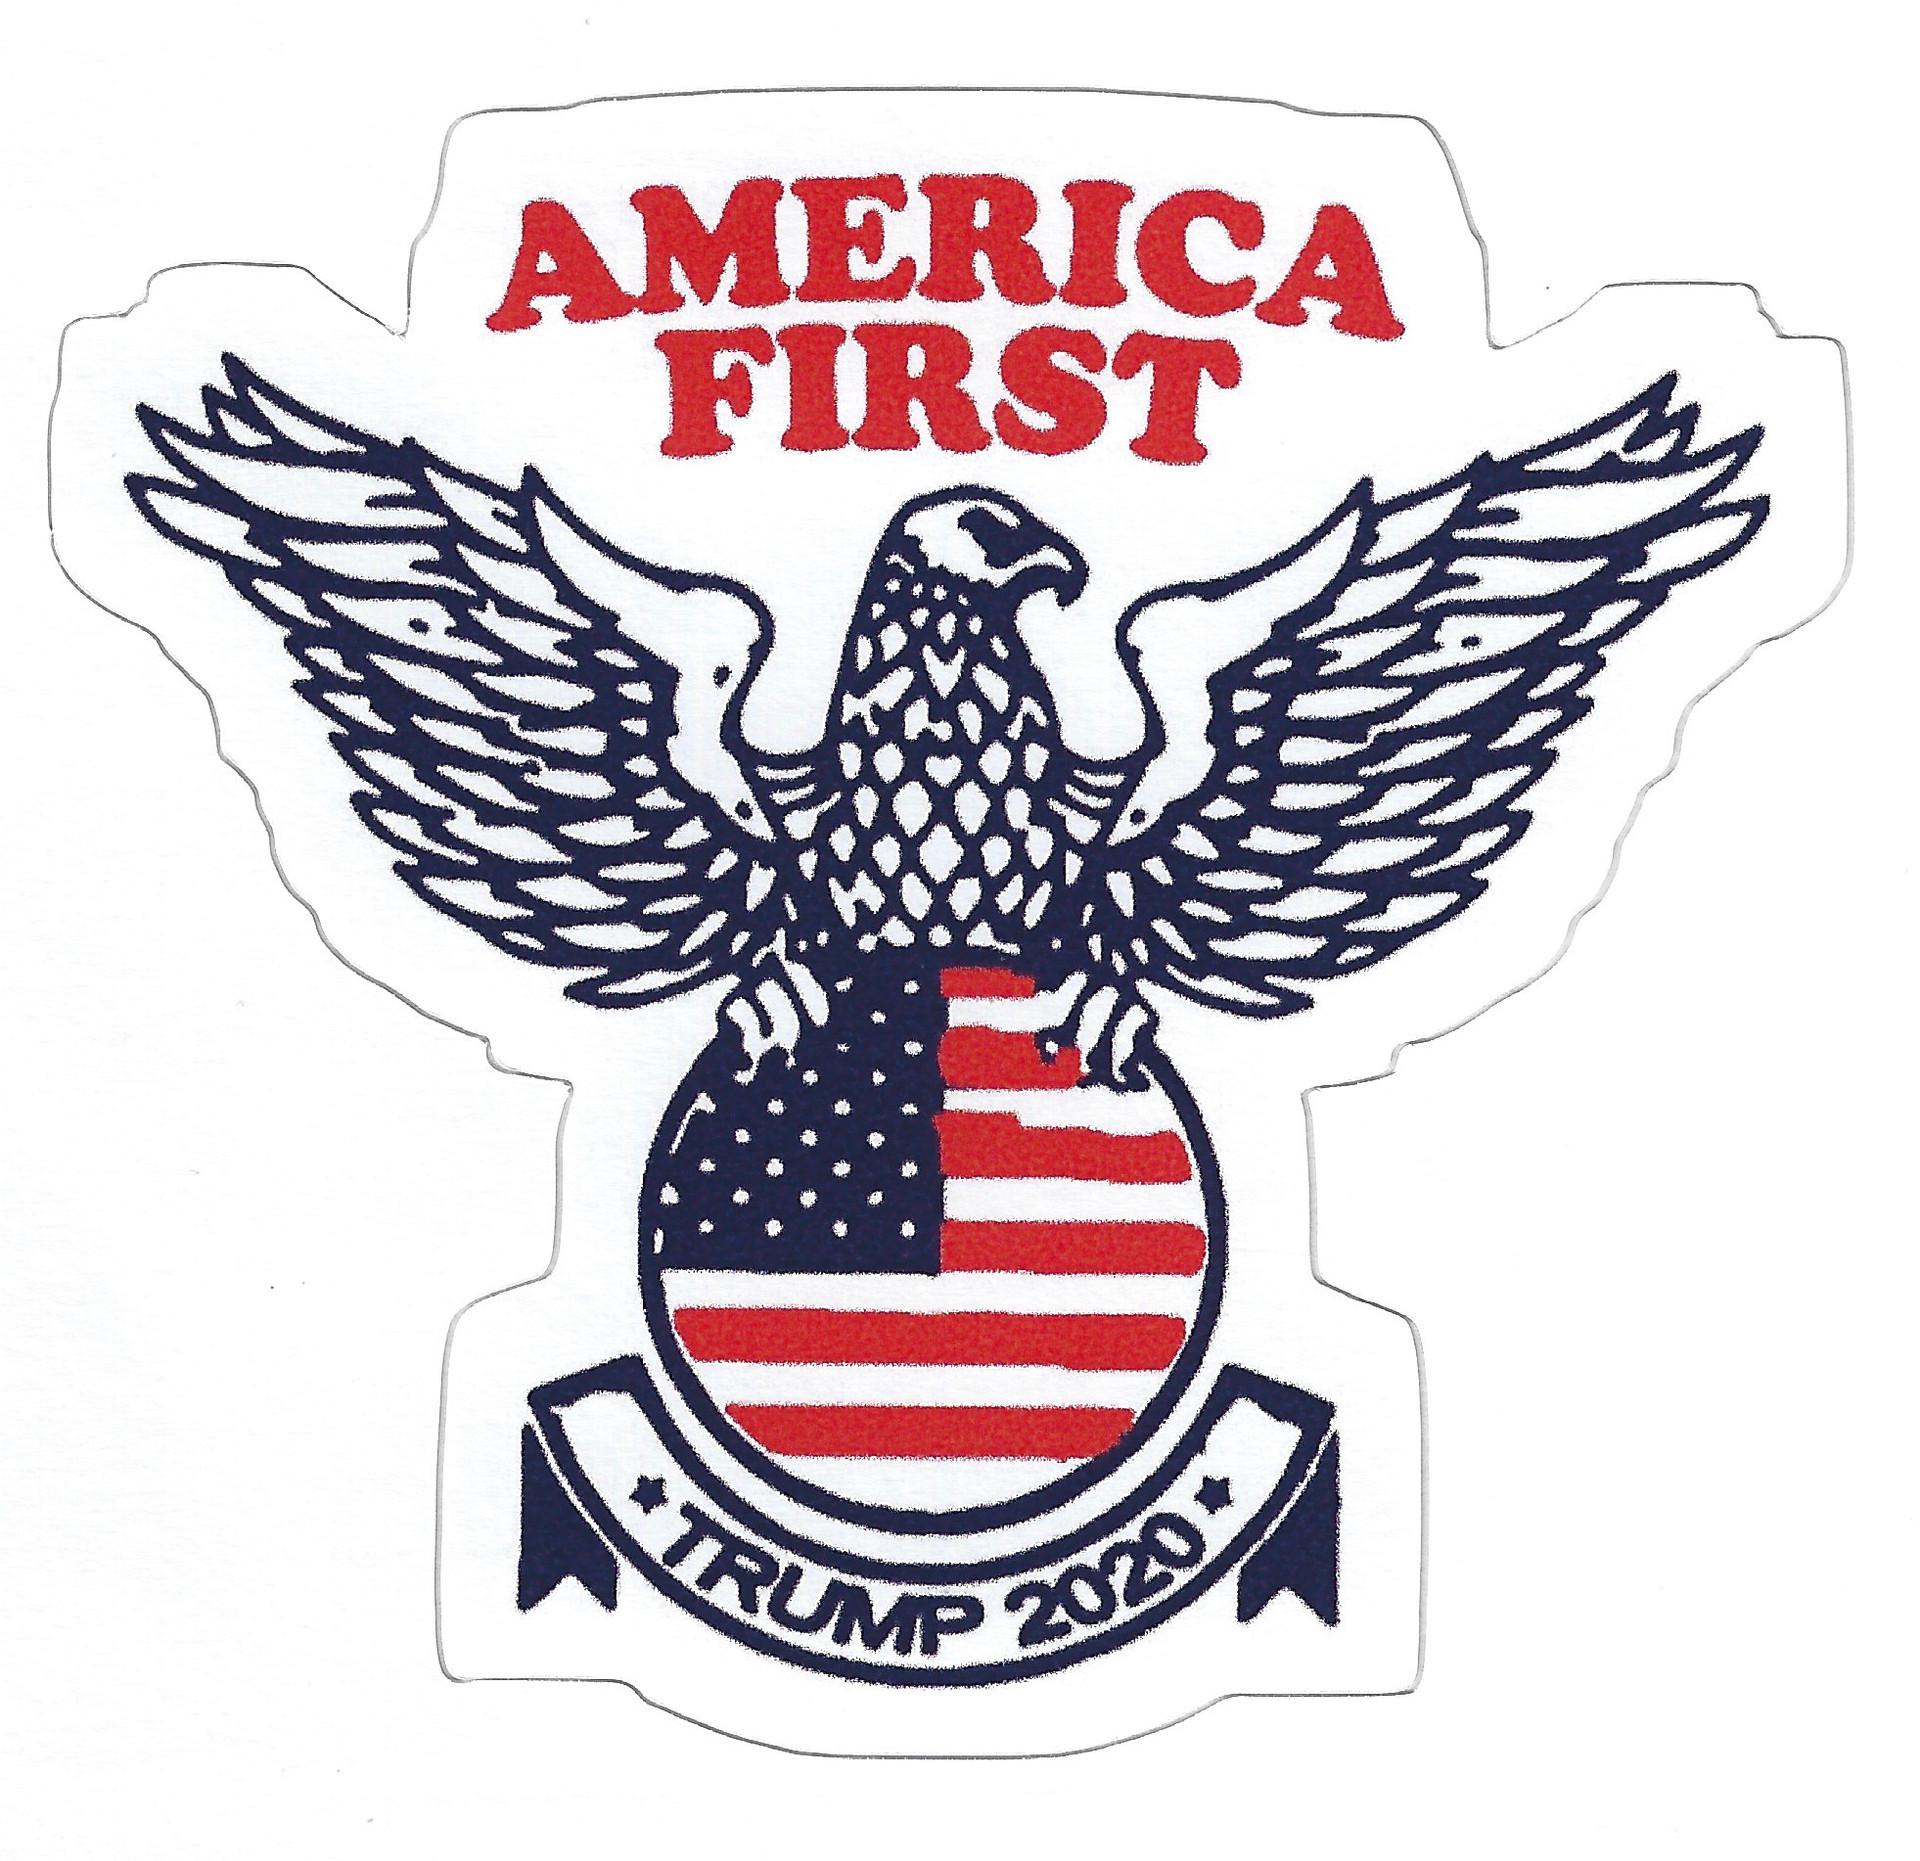 America First, Trump 2020